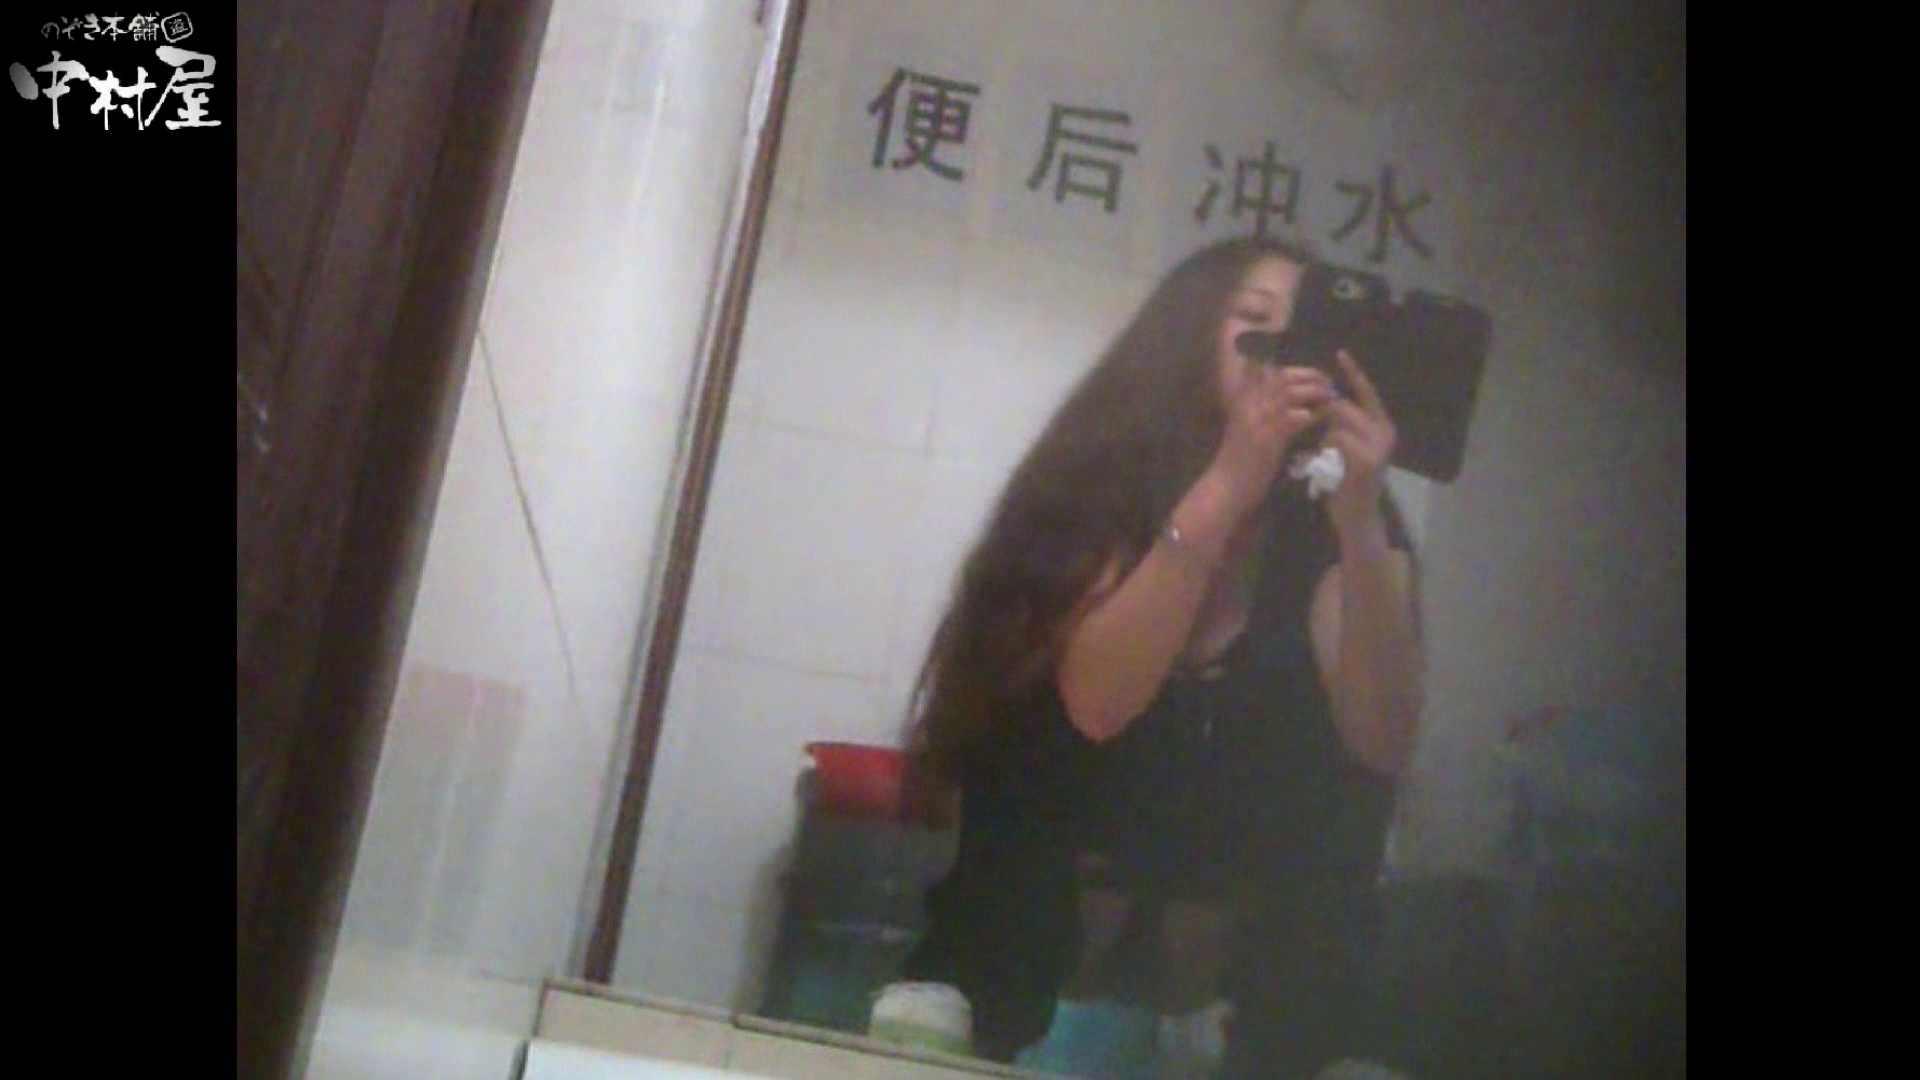 李さんの盗撮日記 Vol.03 HなOL AV無料動画キャプチャ 101pic 100